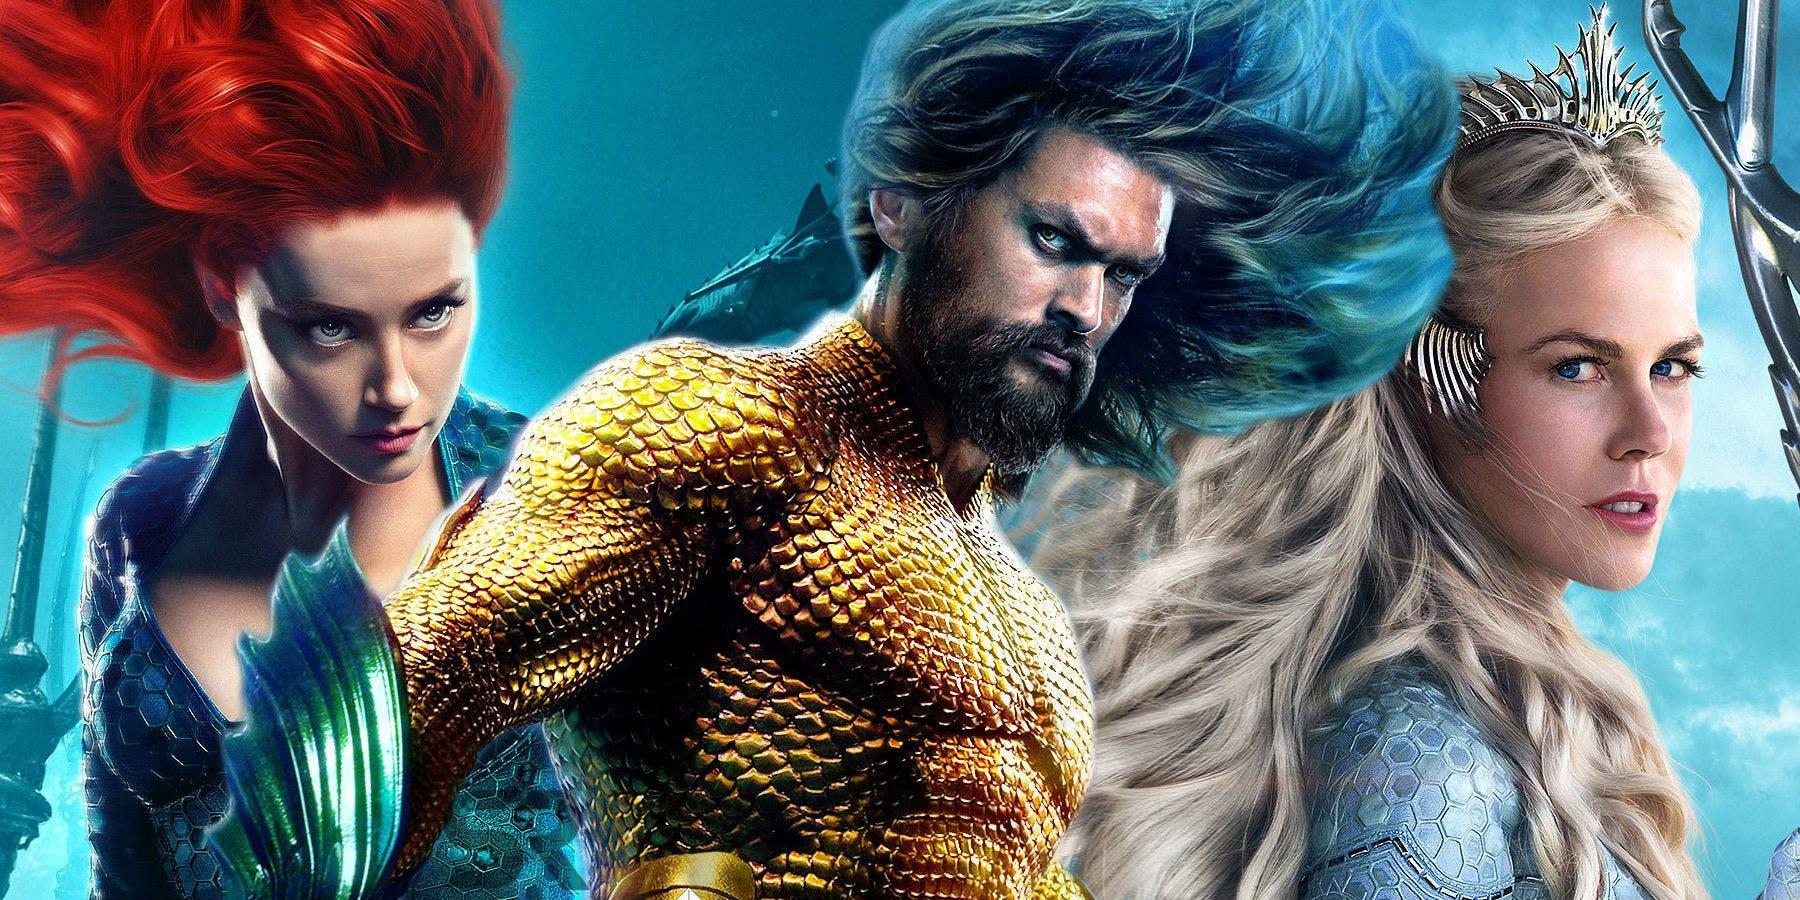 [CINEMA] Aquaman: Onde estão as mulheres da Atlântida?